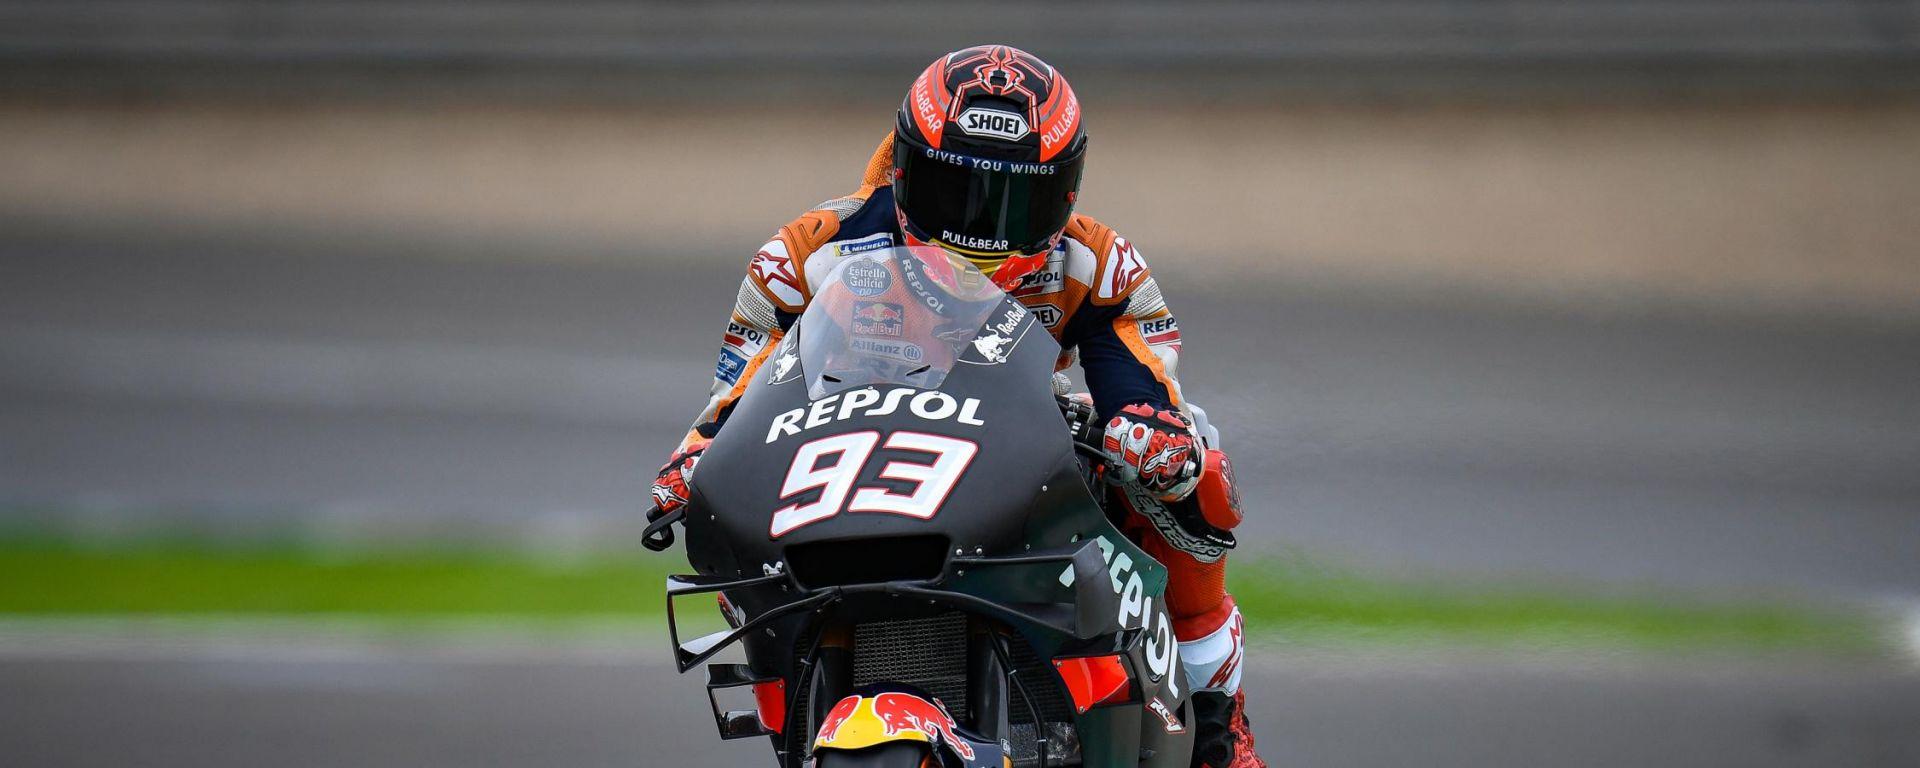 Test MotoGP Jerez, Marc Marquez (Honda)